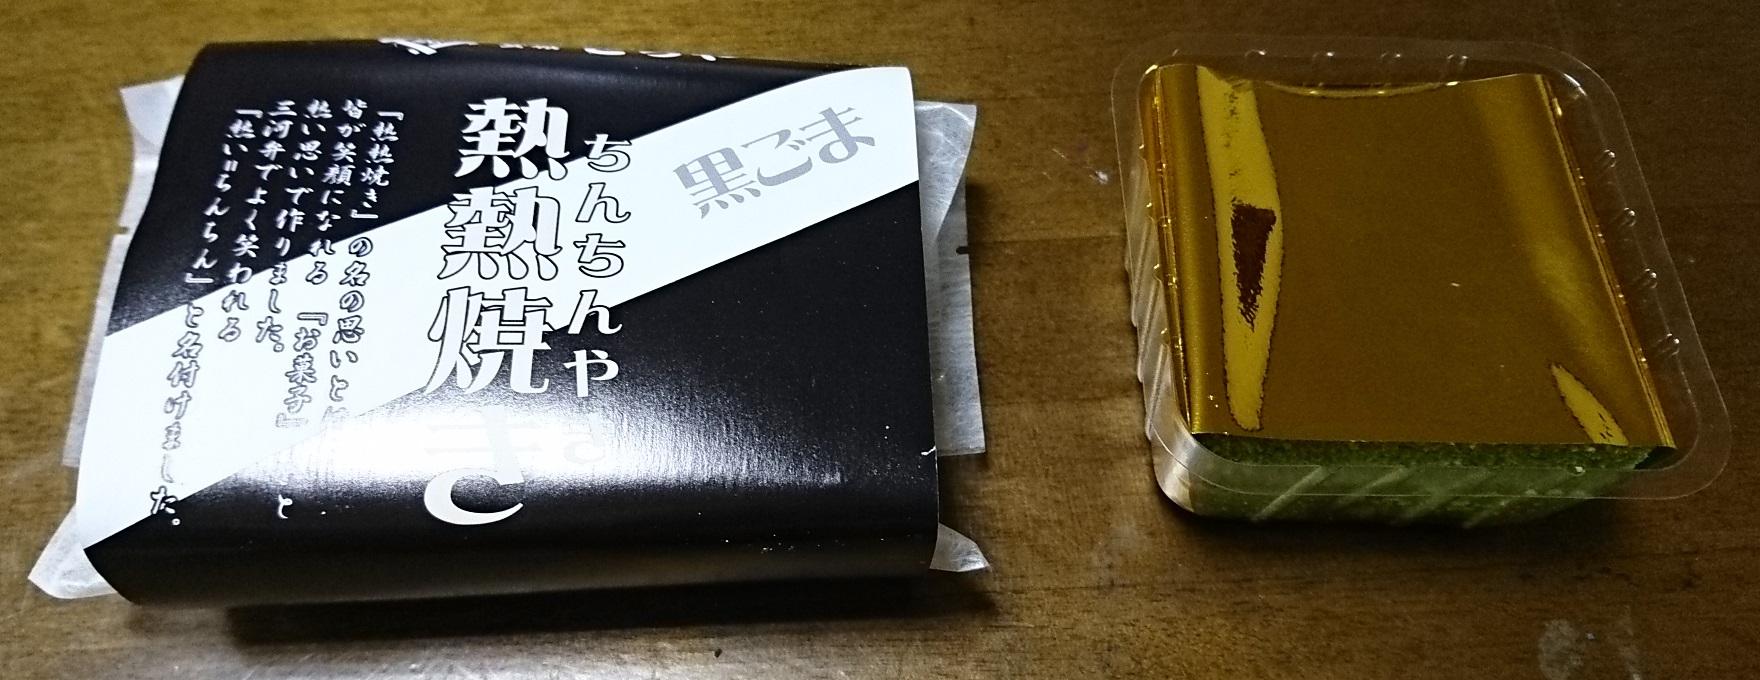 2018.2.2 とらやさん (3) ちんちんやきと黄金パイ 1760-680